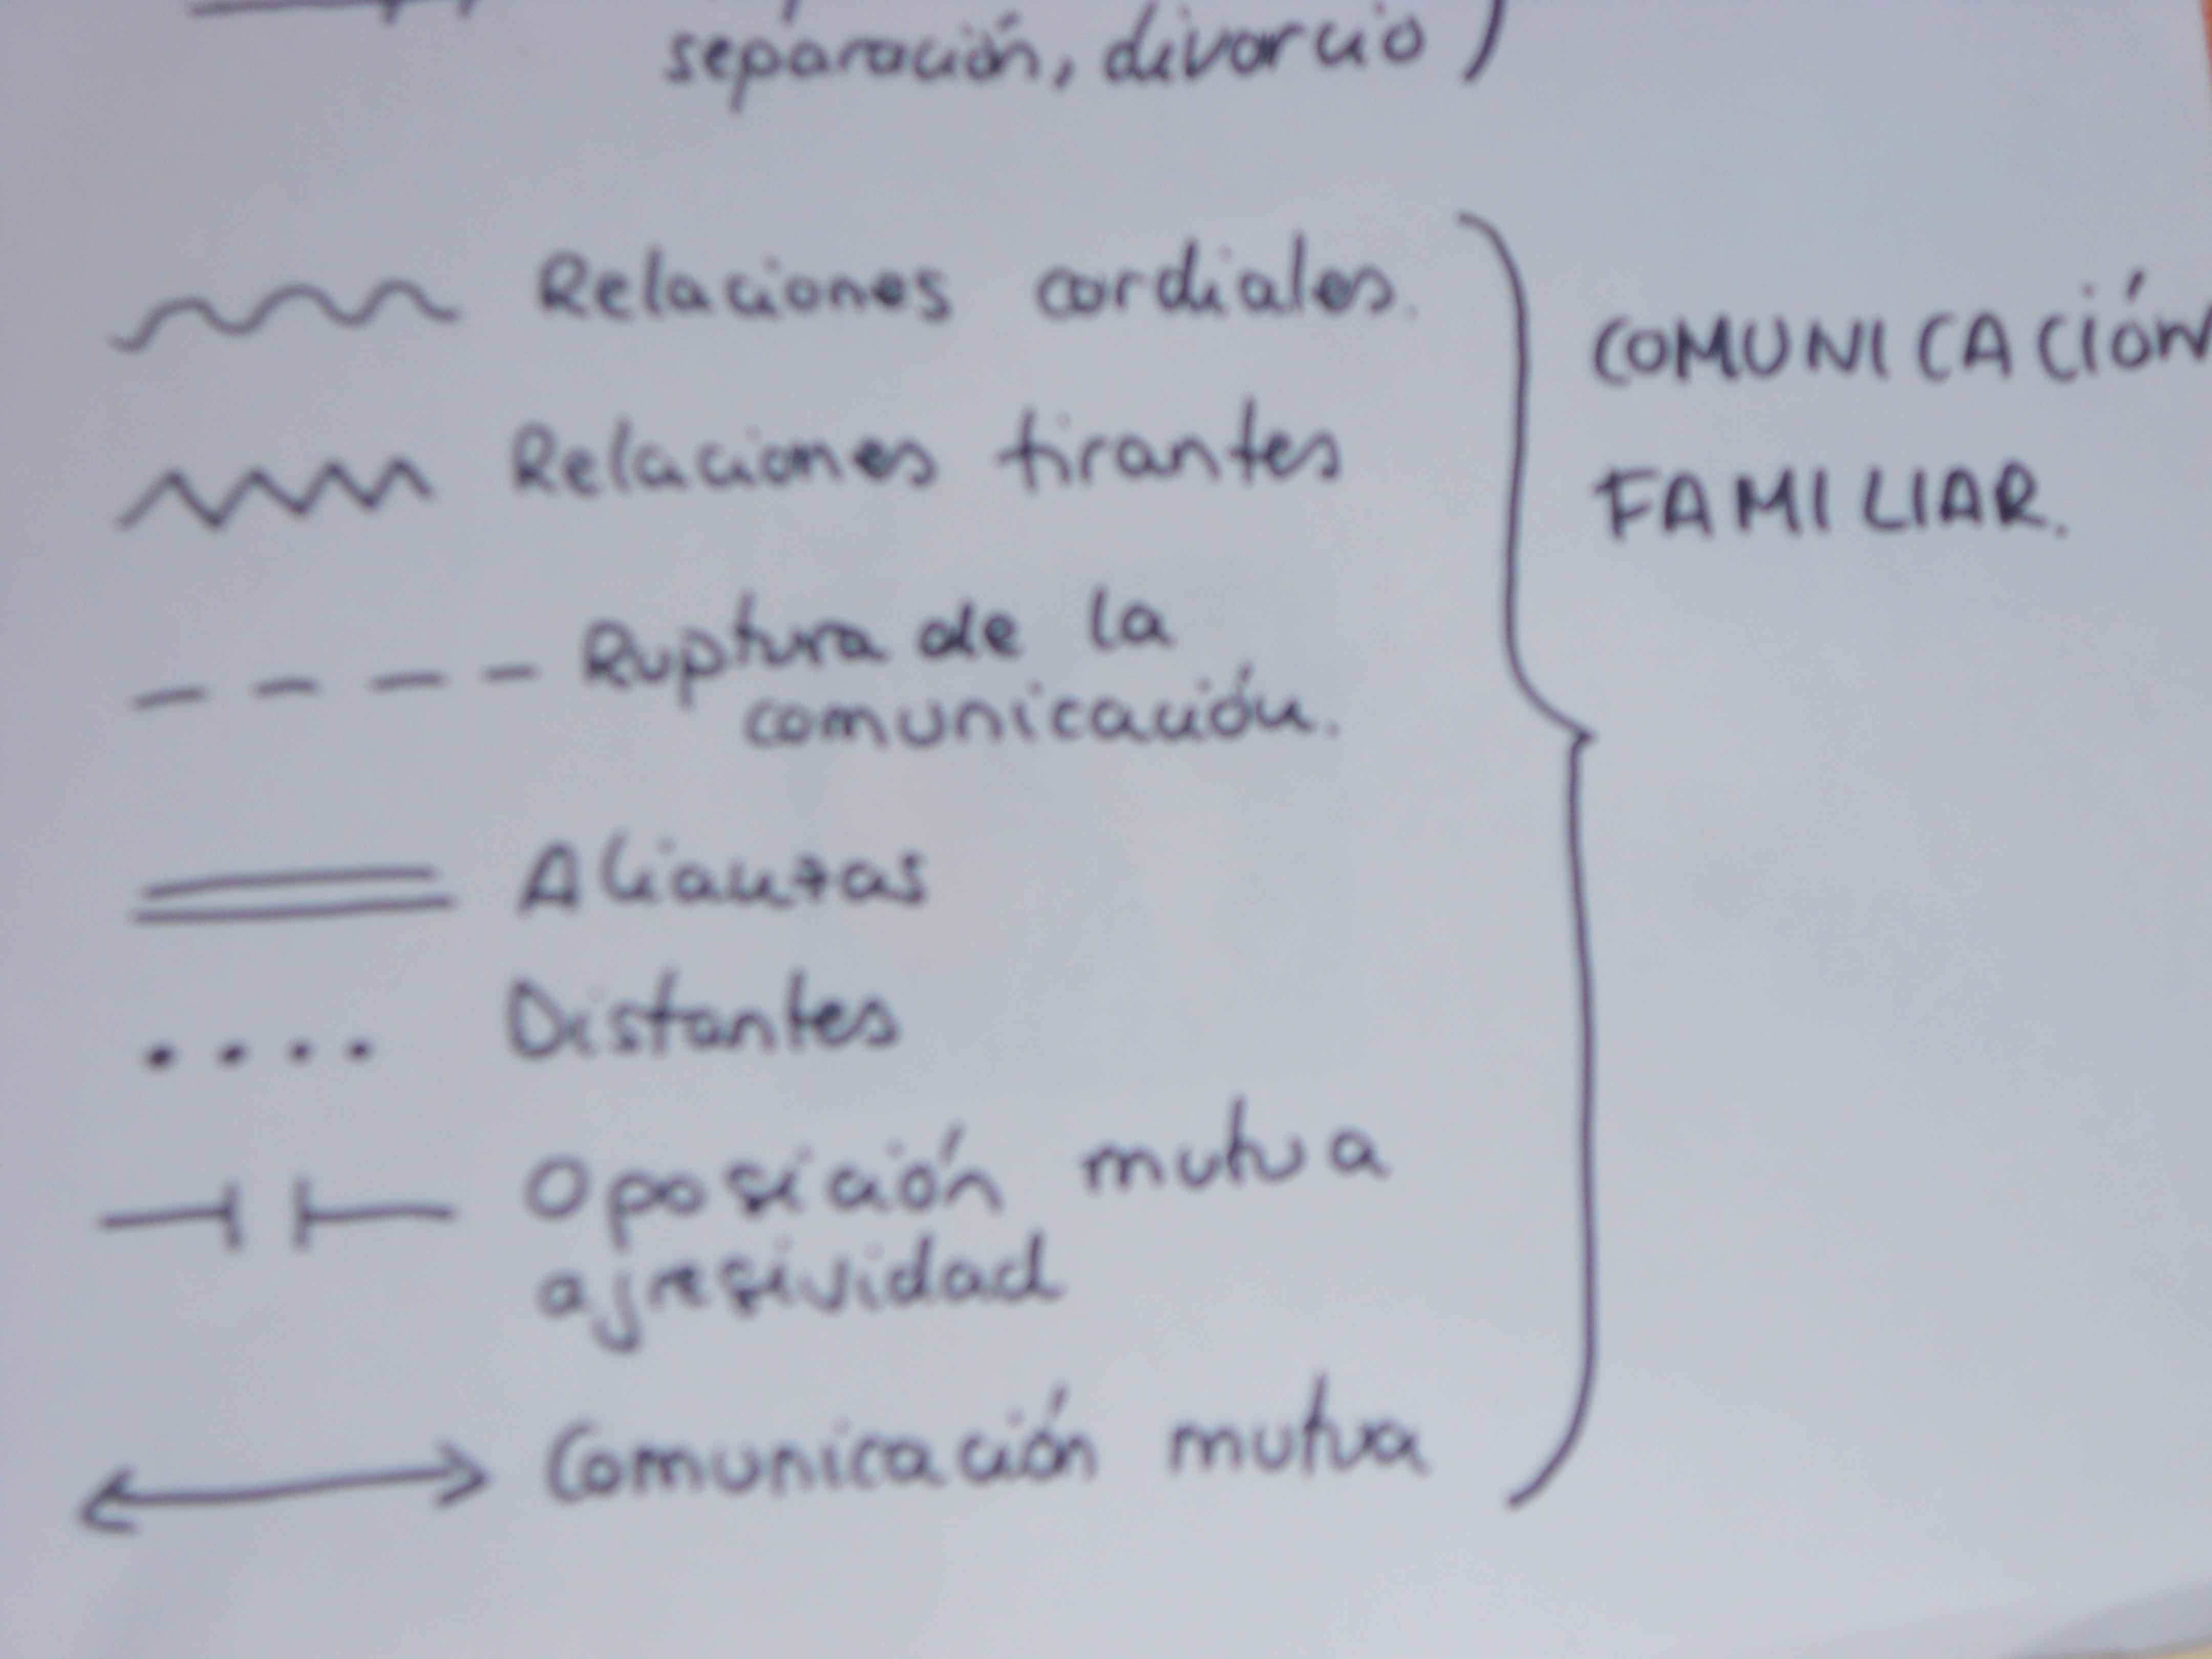 Trabajo social pr ctico el genograma las cuatro piedras angulares - Esquema caso practico trabajo social ...